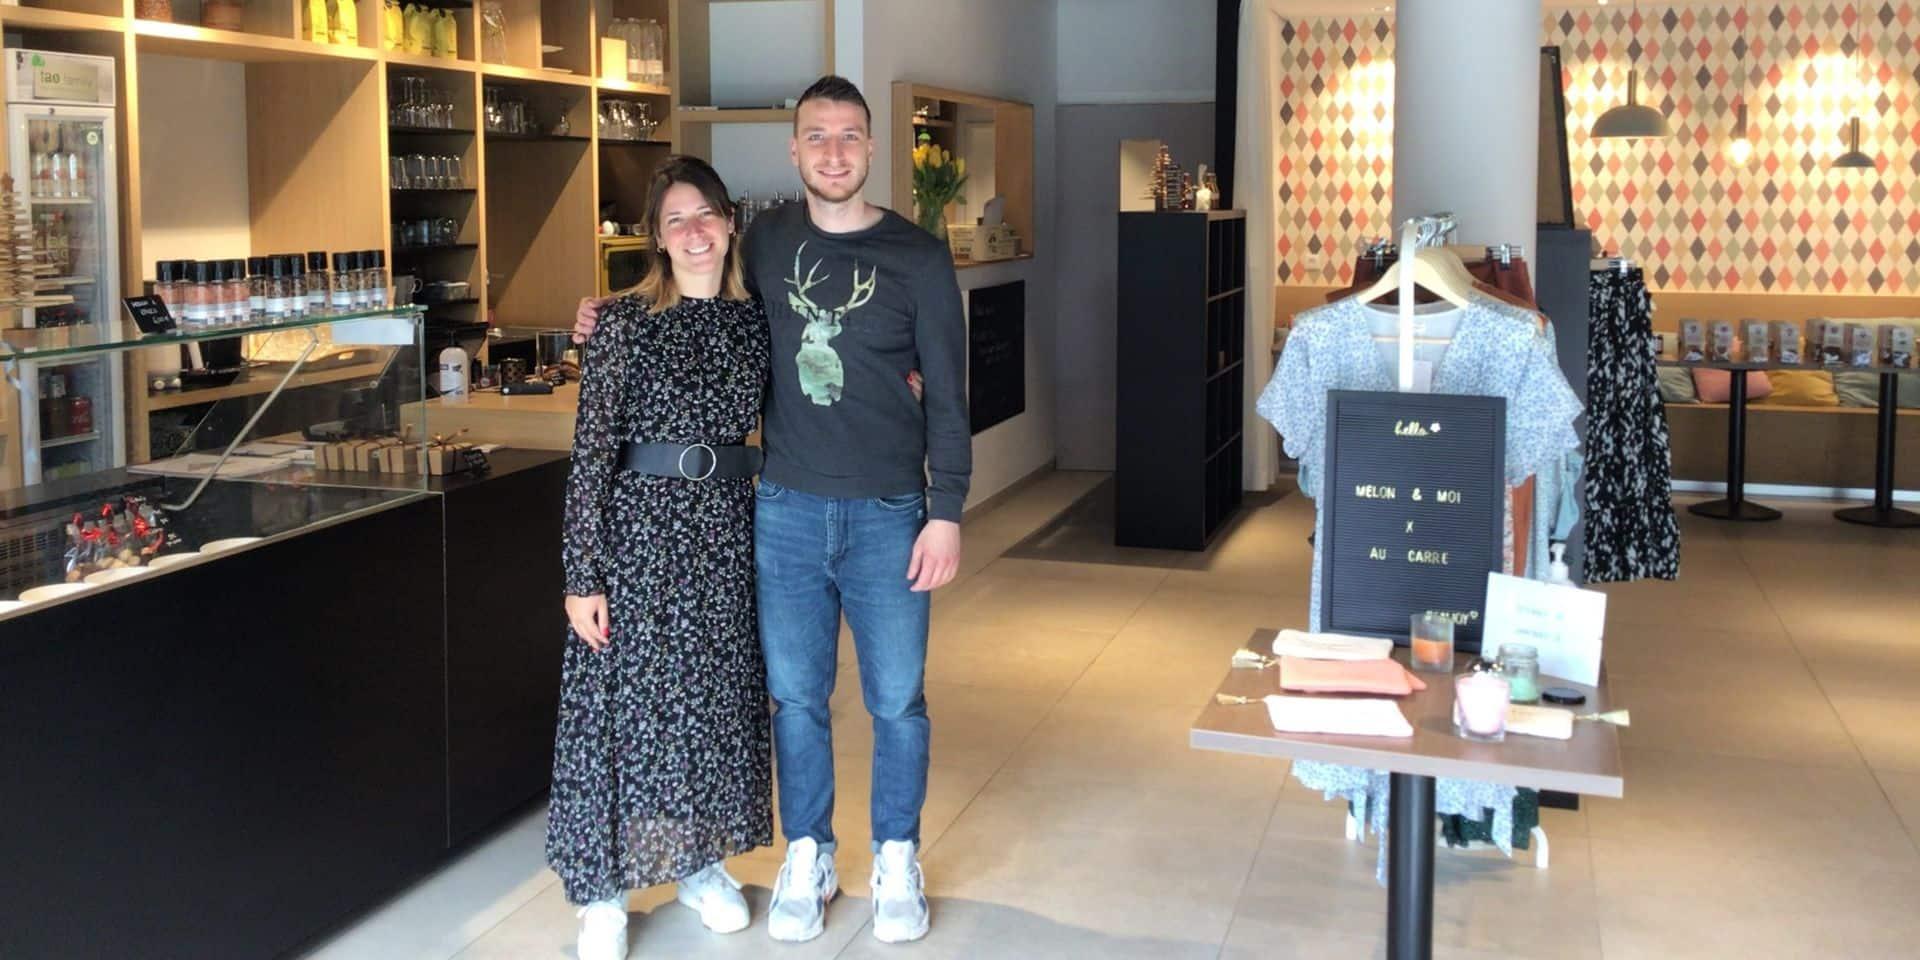 Ce restaurant de Nivelles se reconvertit en boutique de vêtements, le temps de la crise